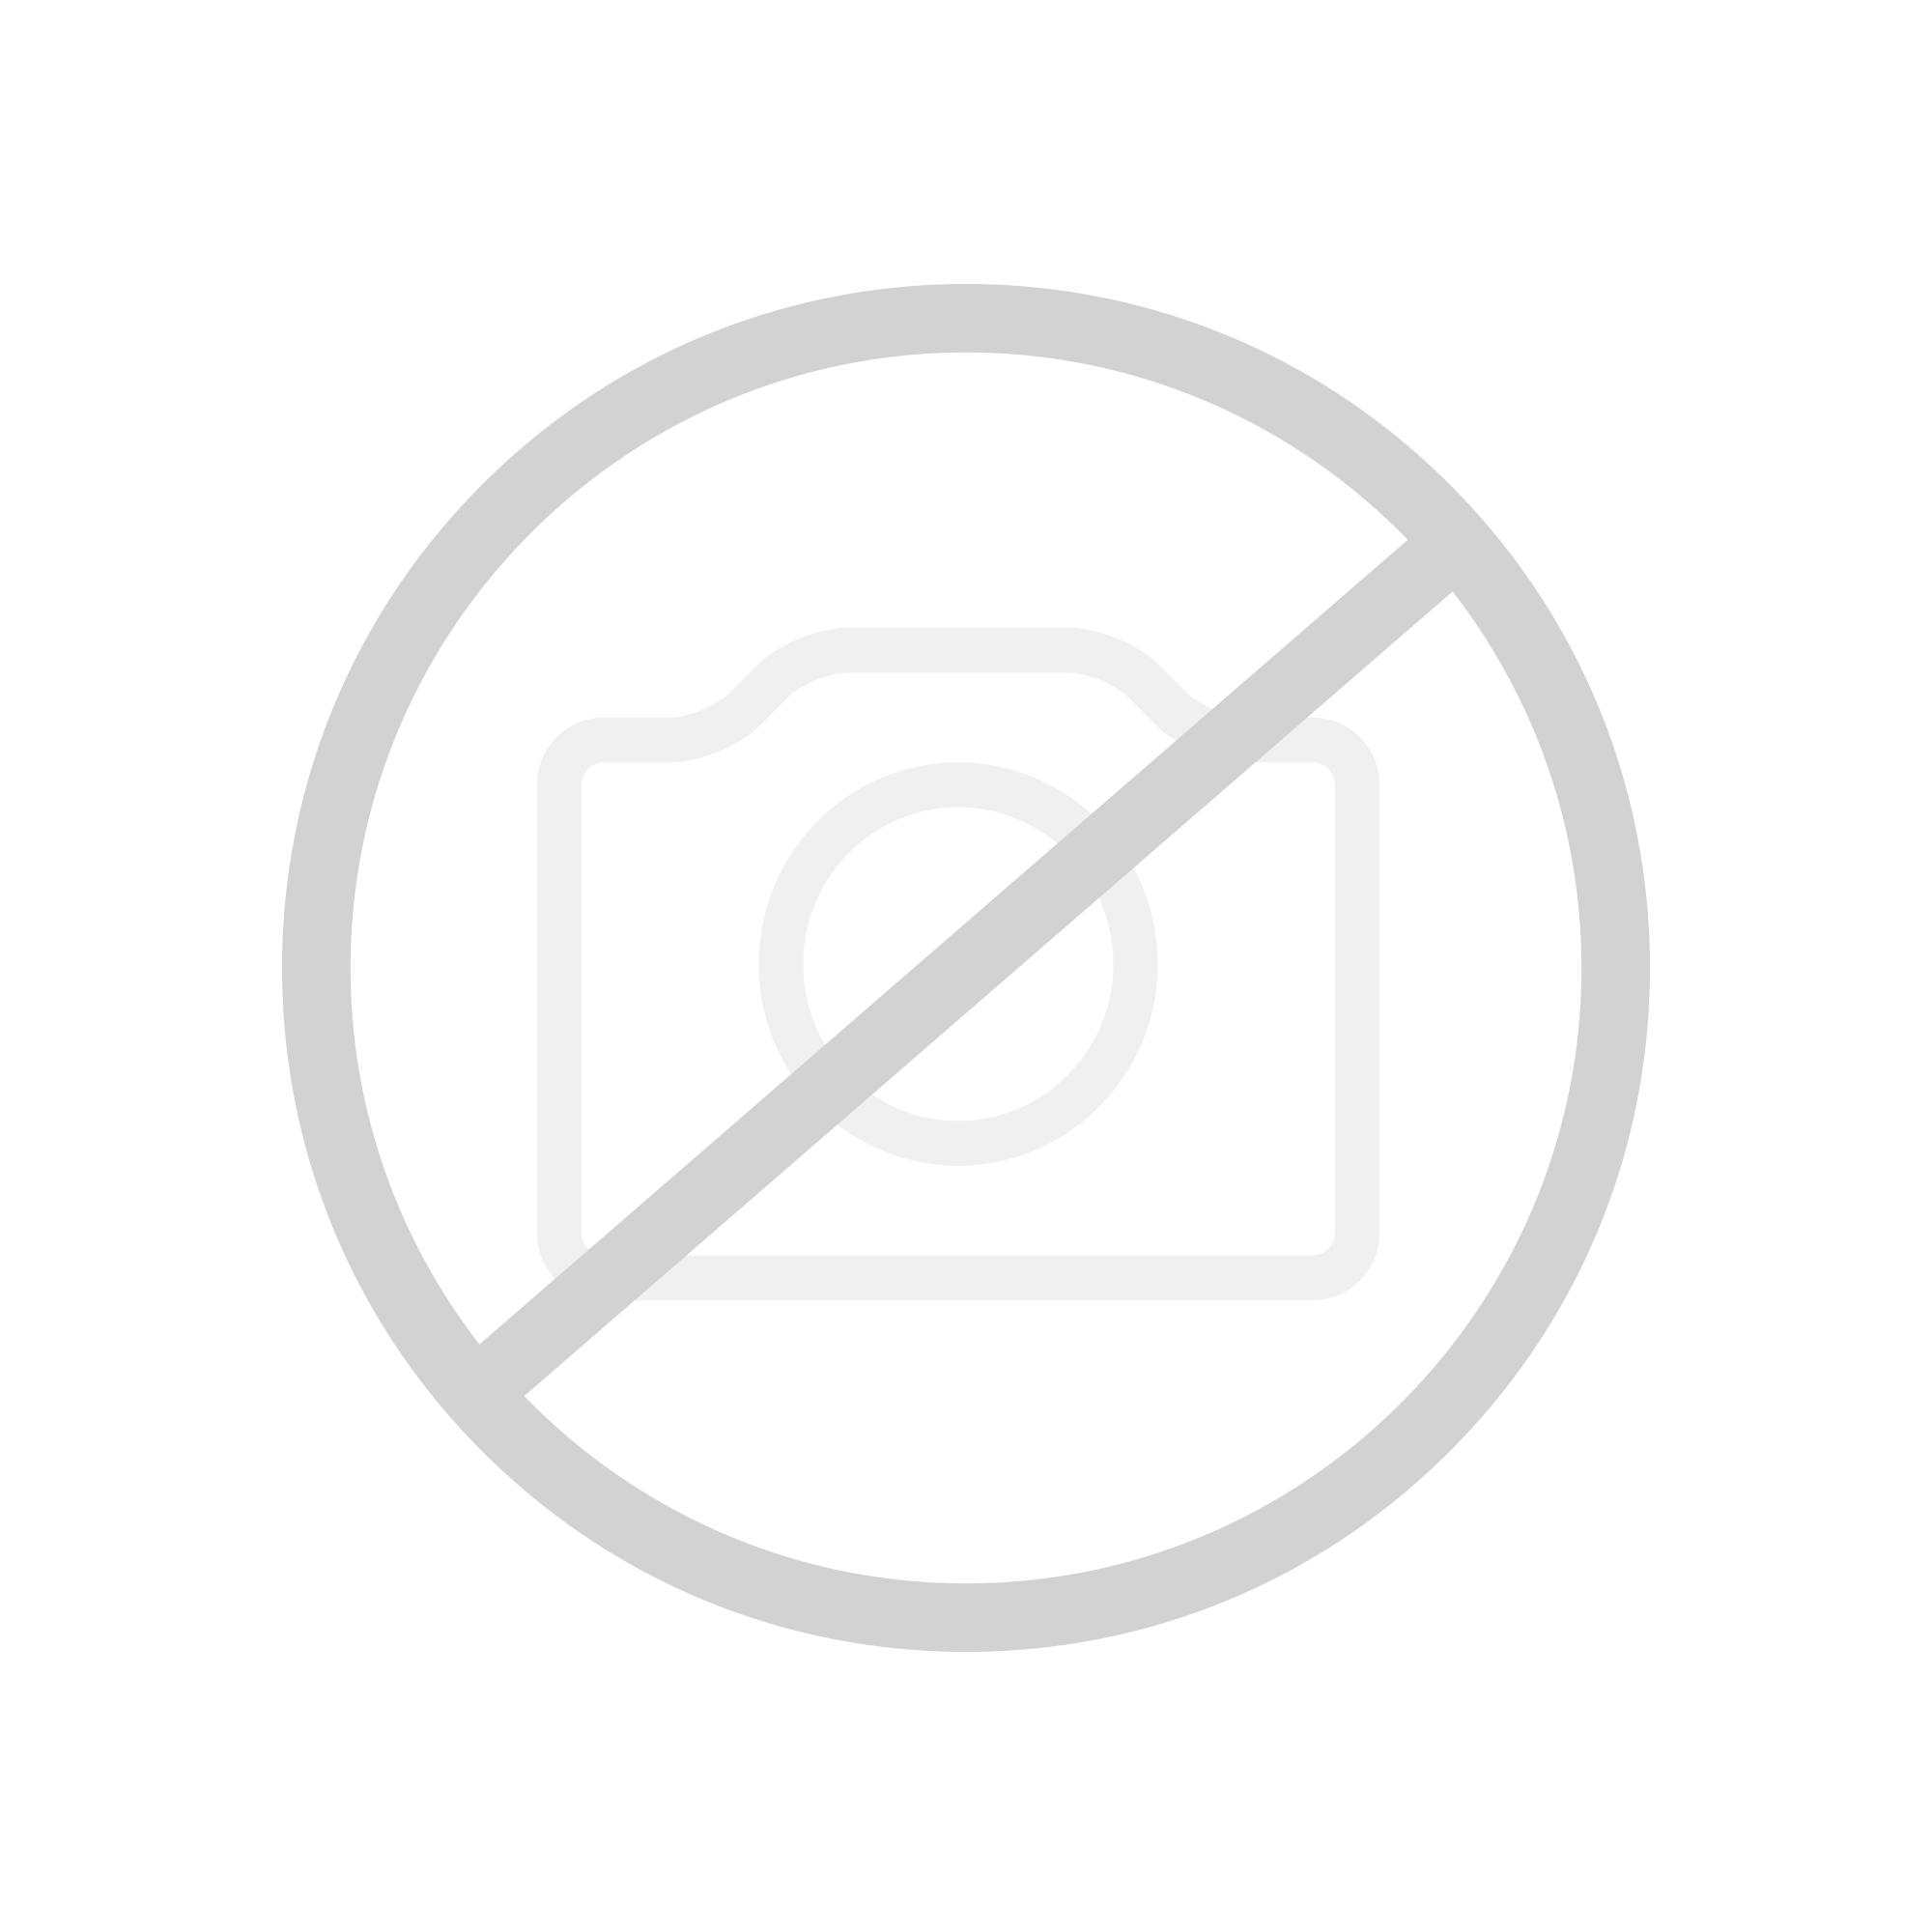 bert plantagie edno tisch ednotisch 160x100 eiche astig reuter onlineshop. Black Bedroom Furniture Sets. Home Design Ideas